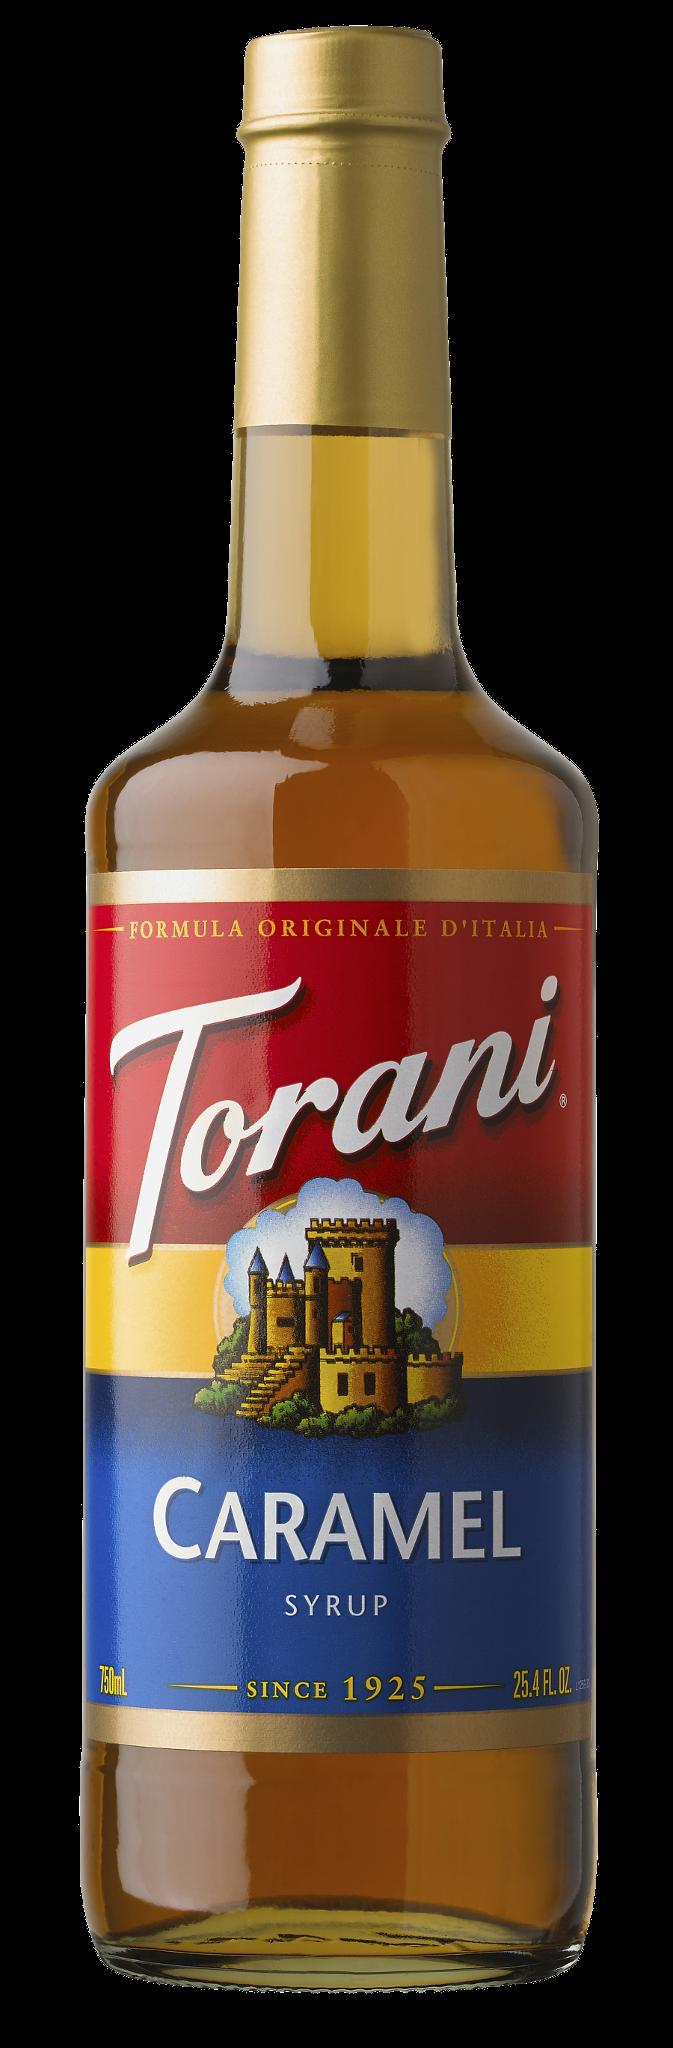 Caramel Syrup image